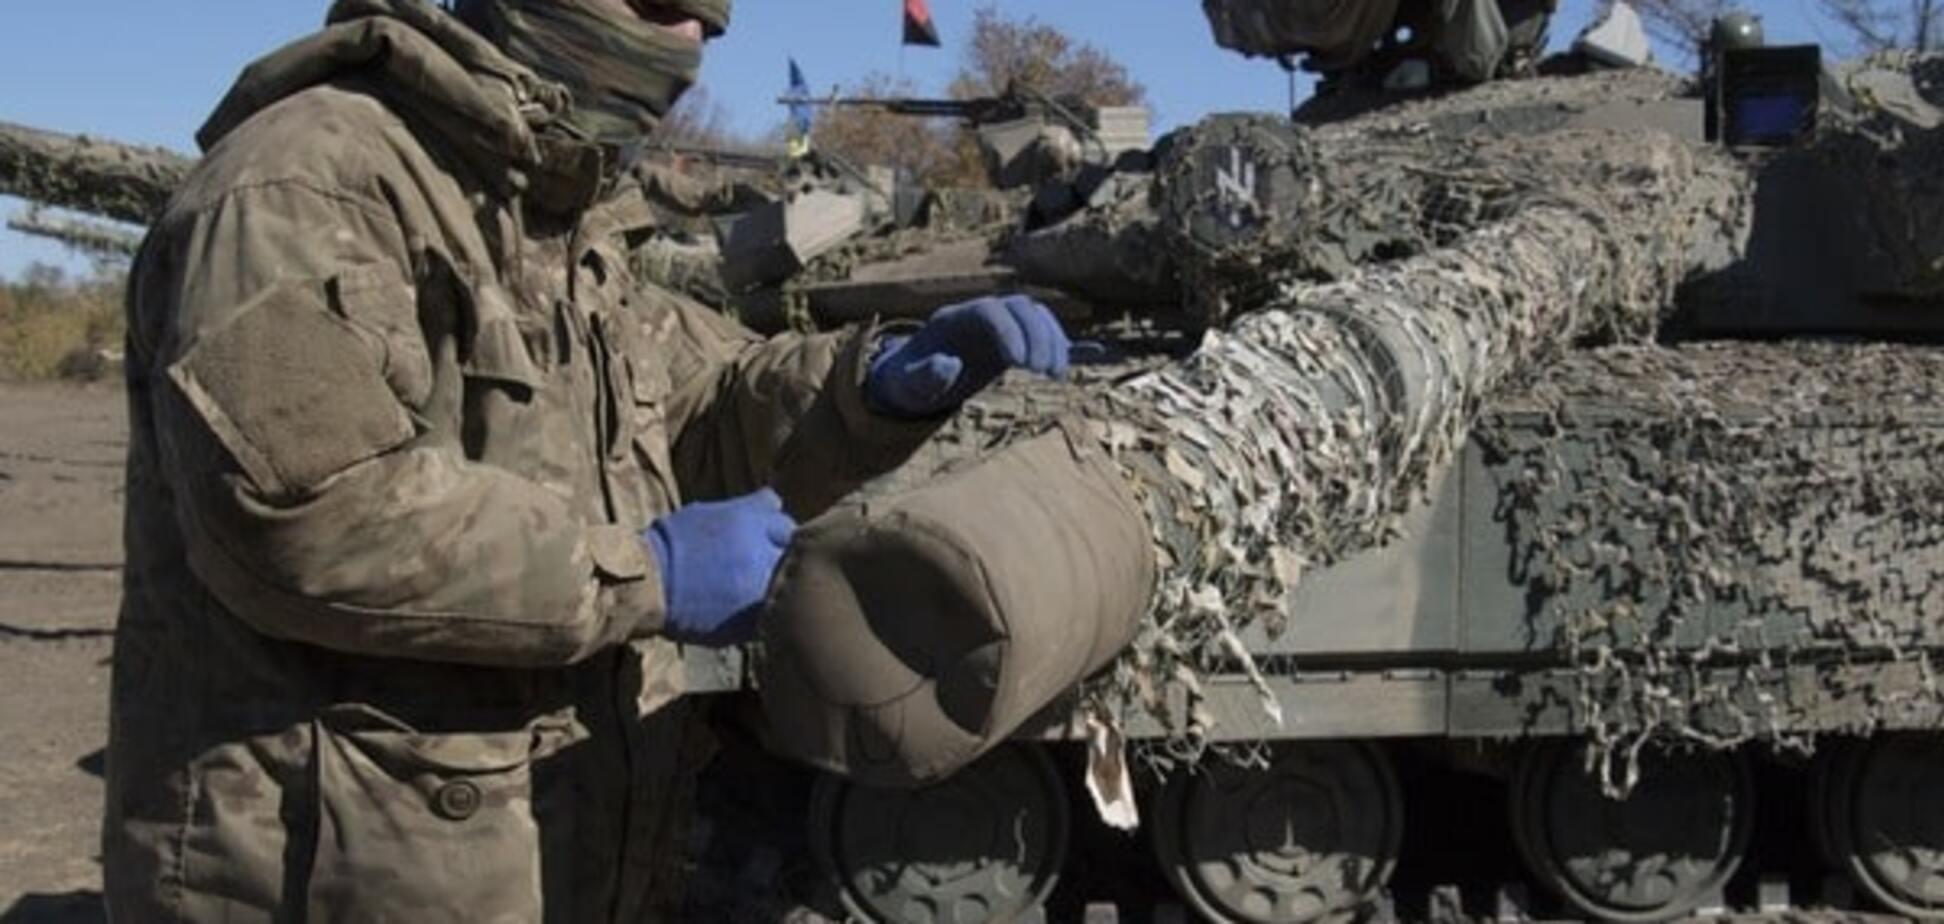 Кулемети, гранатомети і снайпери: у штабі АТО розповіли, як терористи порушували перемир'я